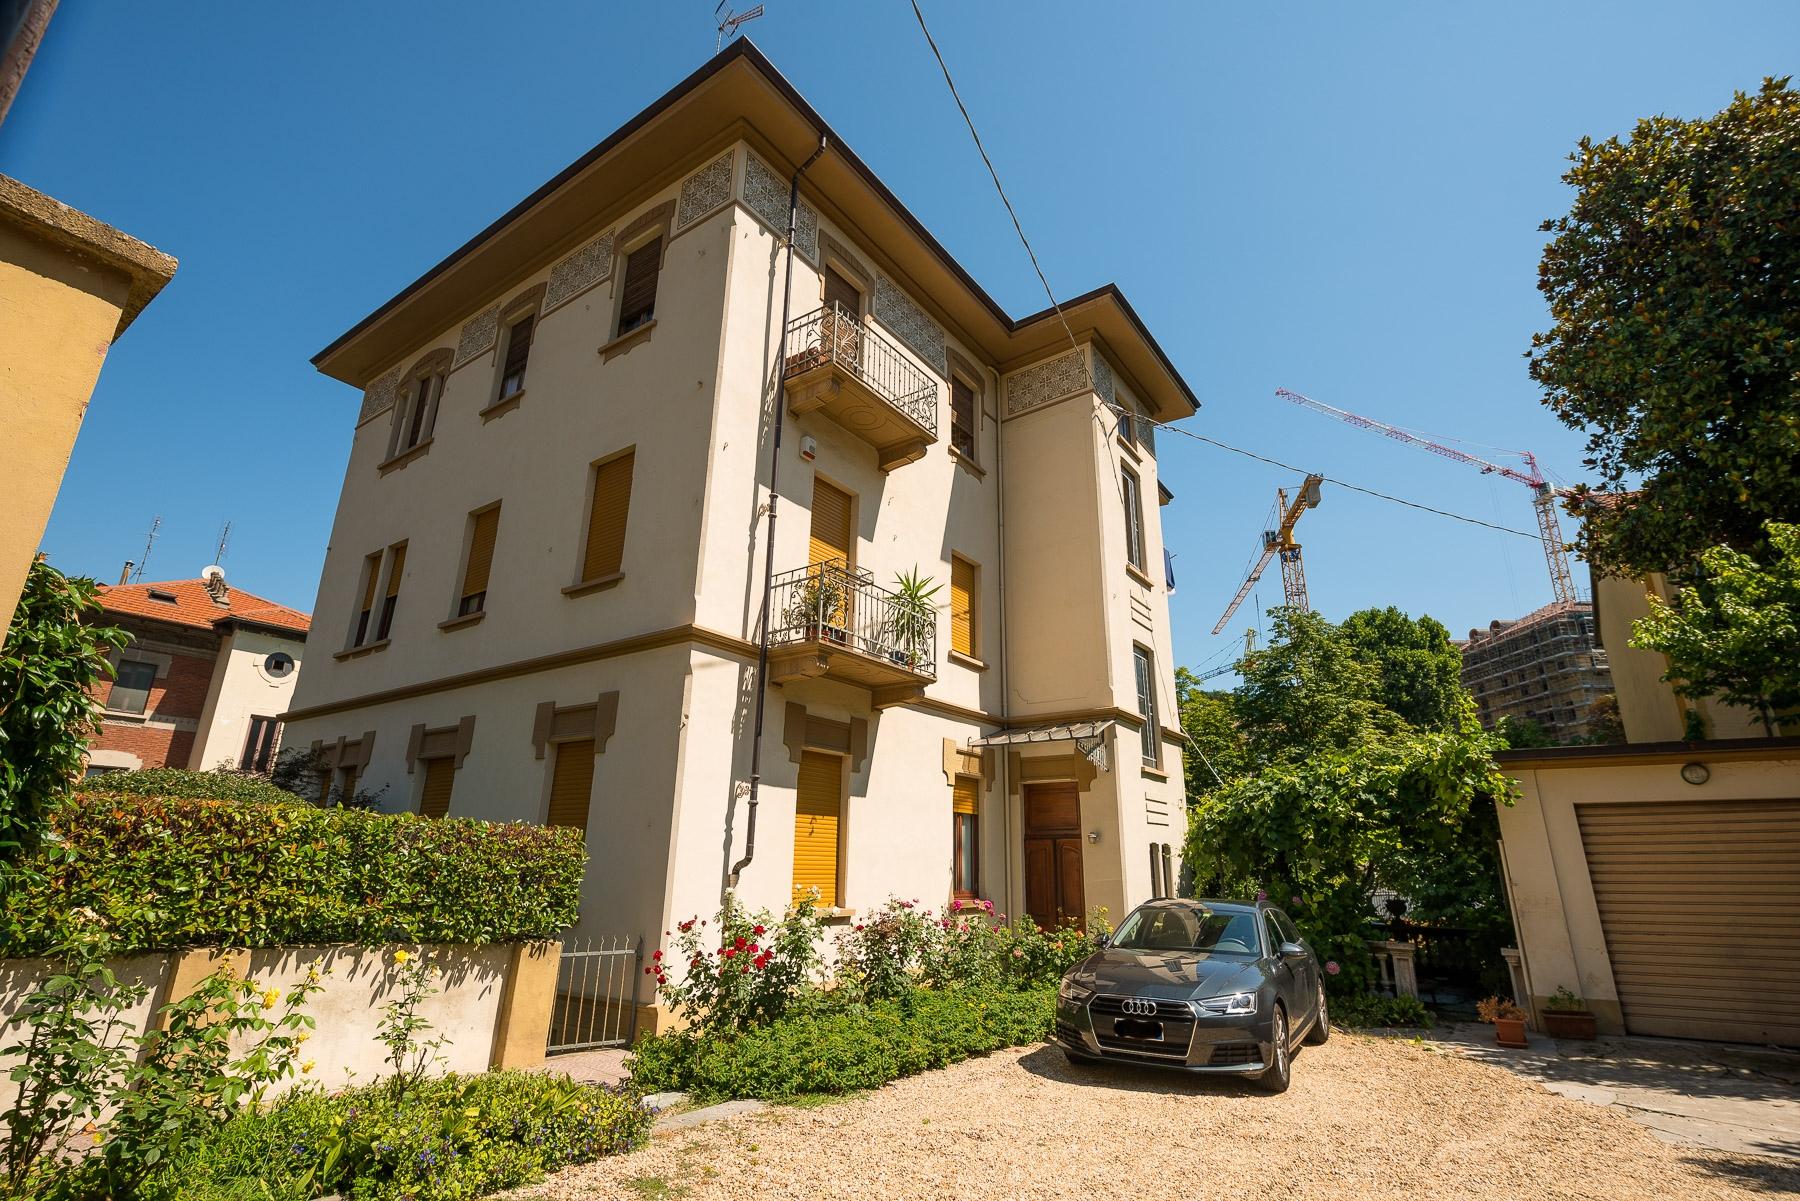 Villa in Vendita a Torino: 5 locali, 650 mq - Foto 14